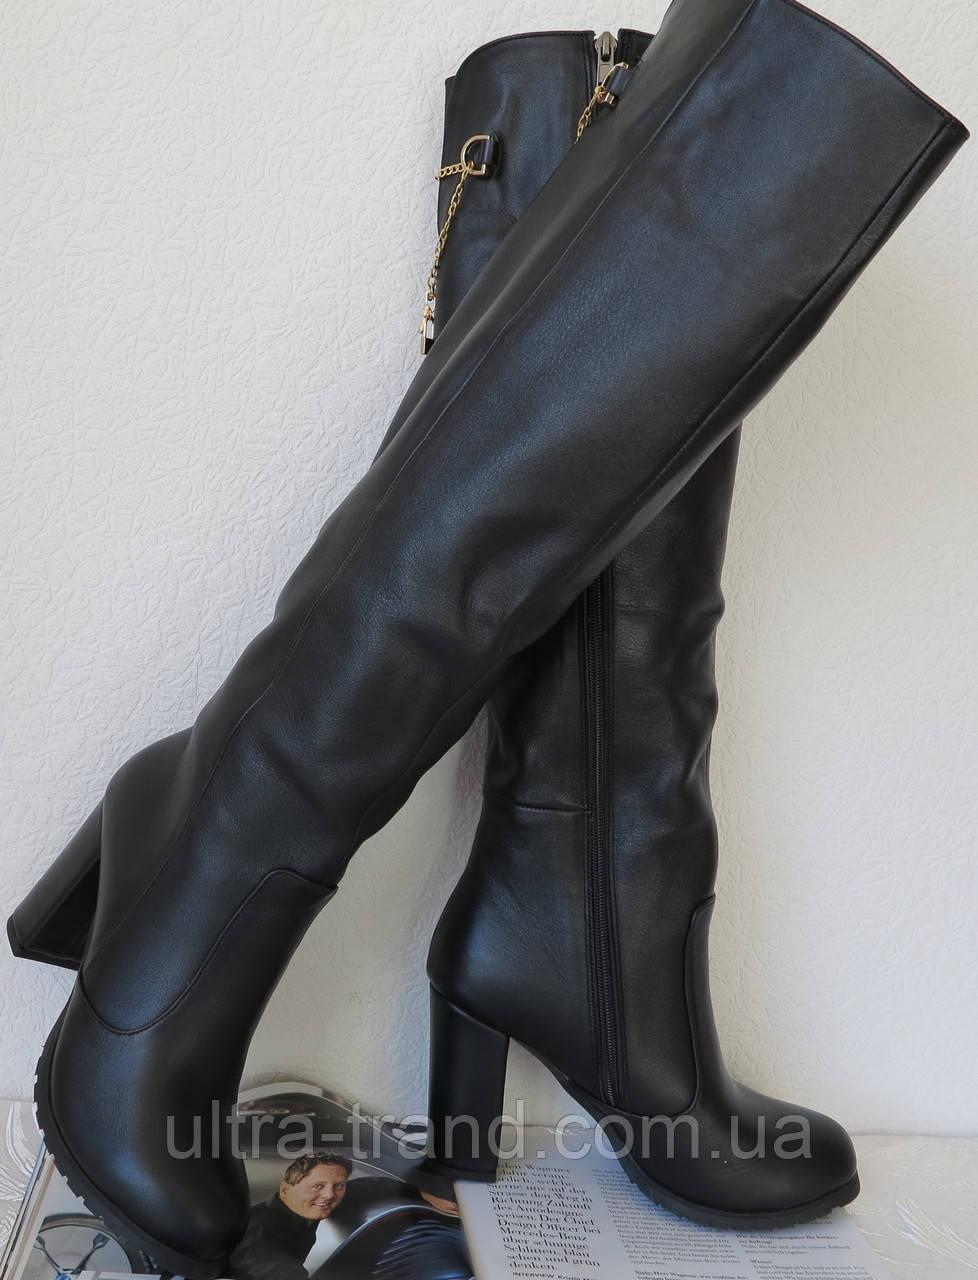 Senso! Женские кожаные чёрные ботфорты на каблуке 10 см евро зима